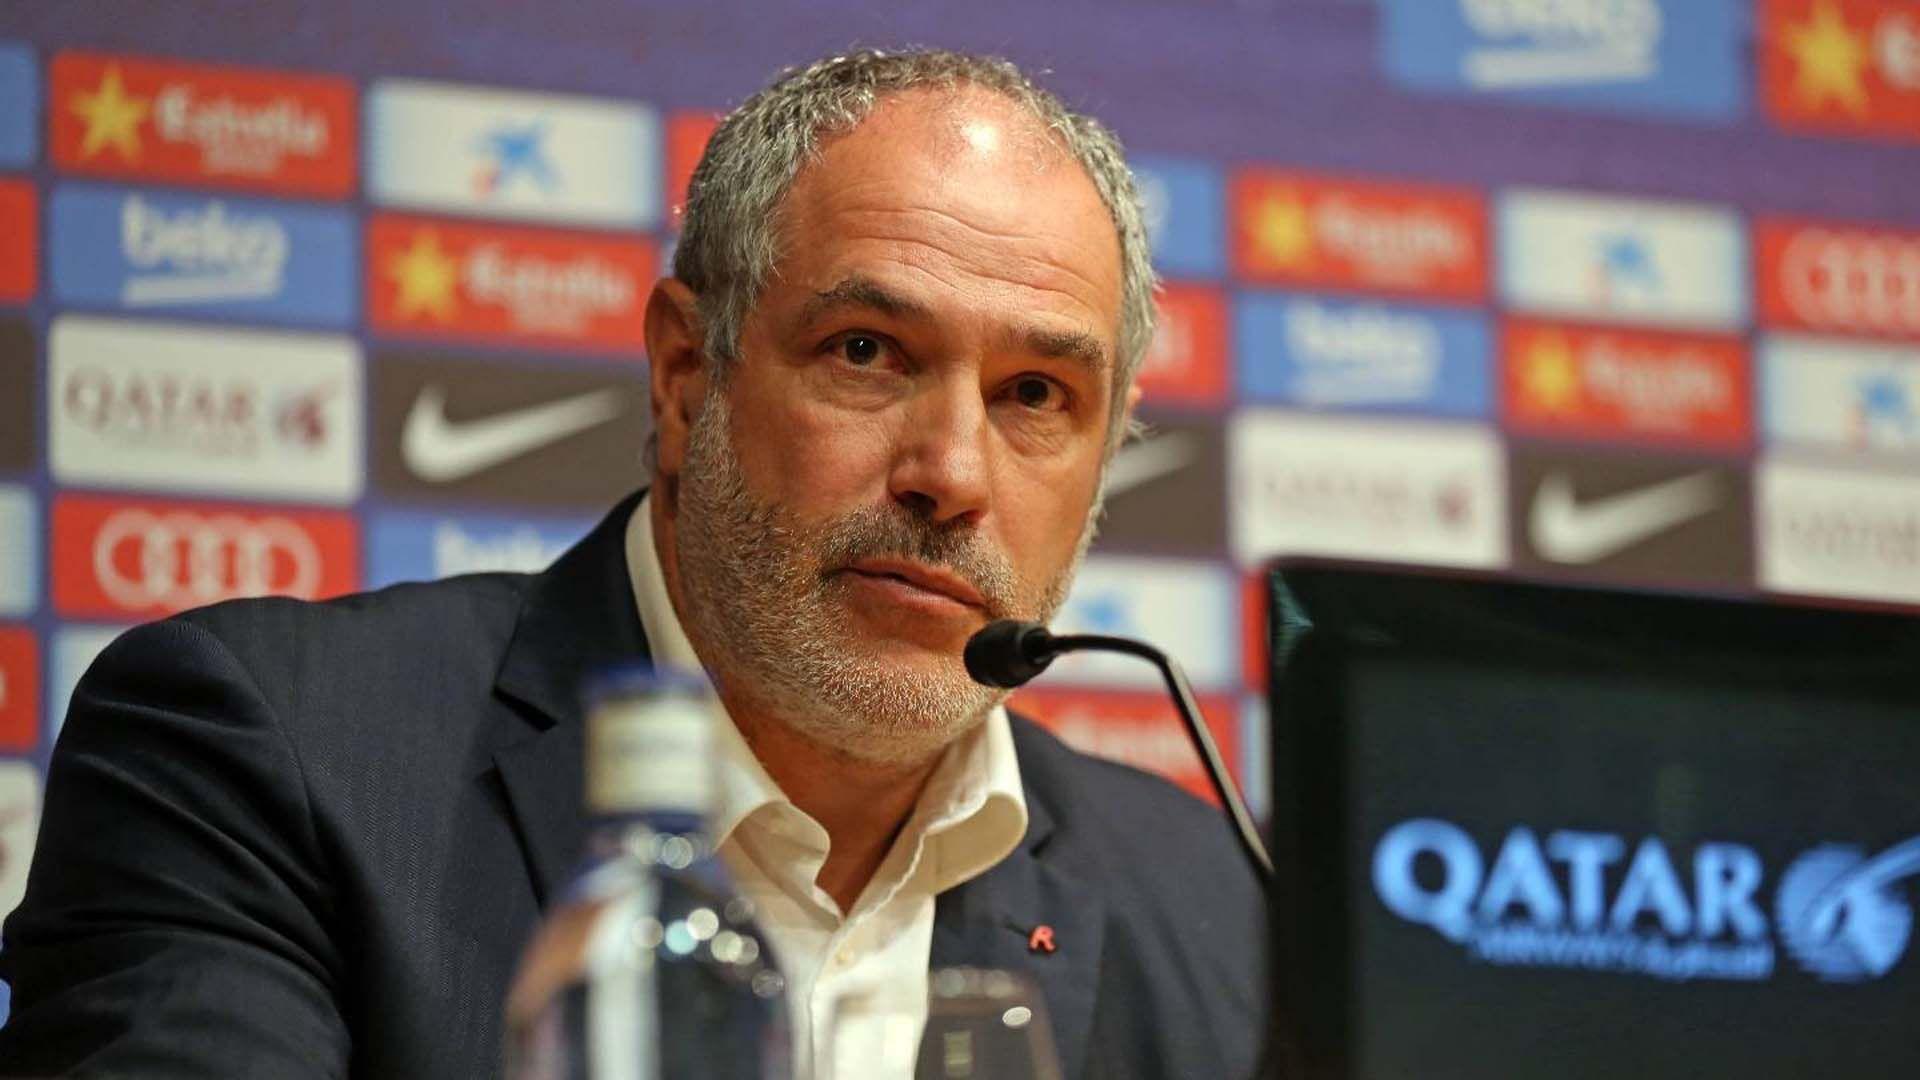 Zubizarreta fue el director deportivo del Barcelona hasta 2015